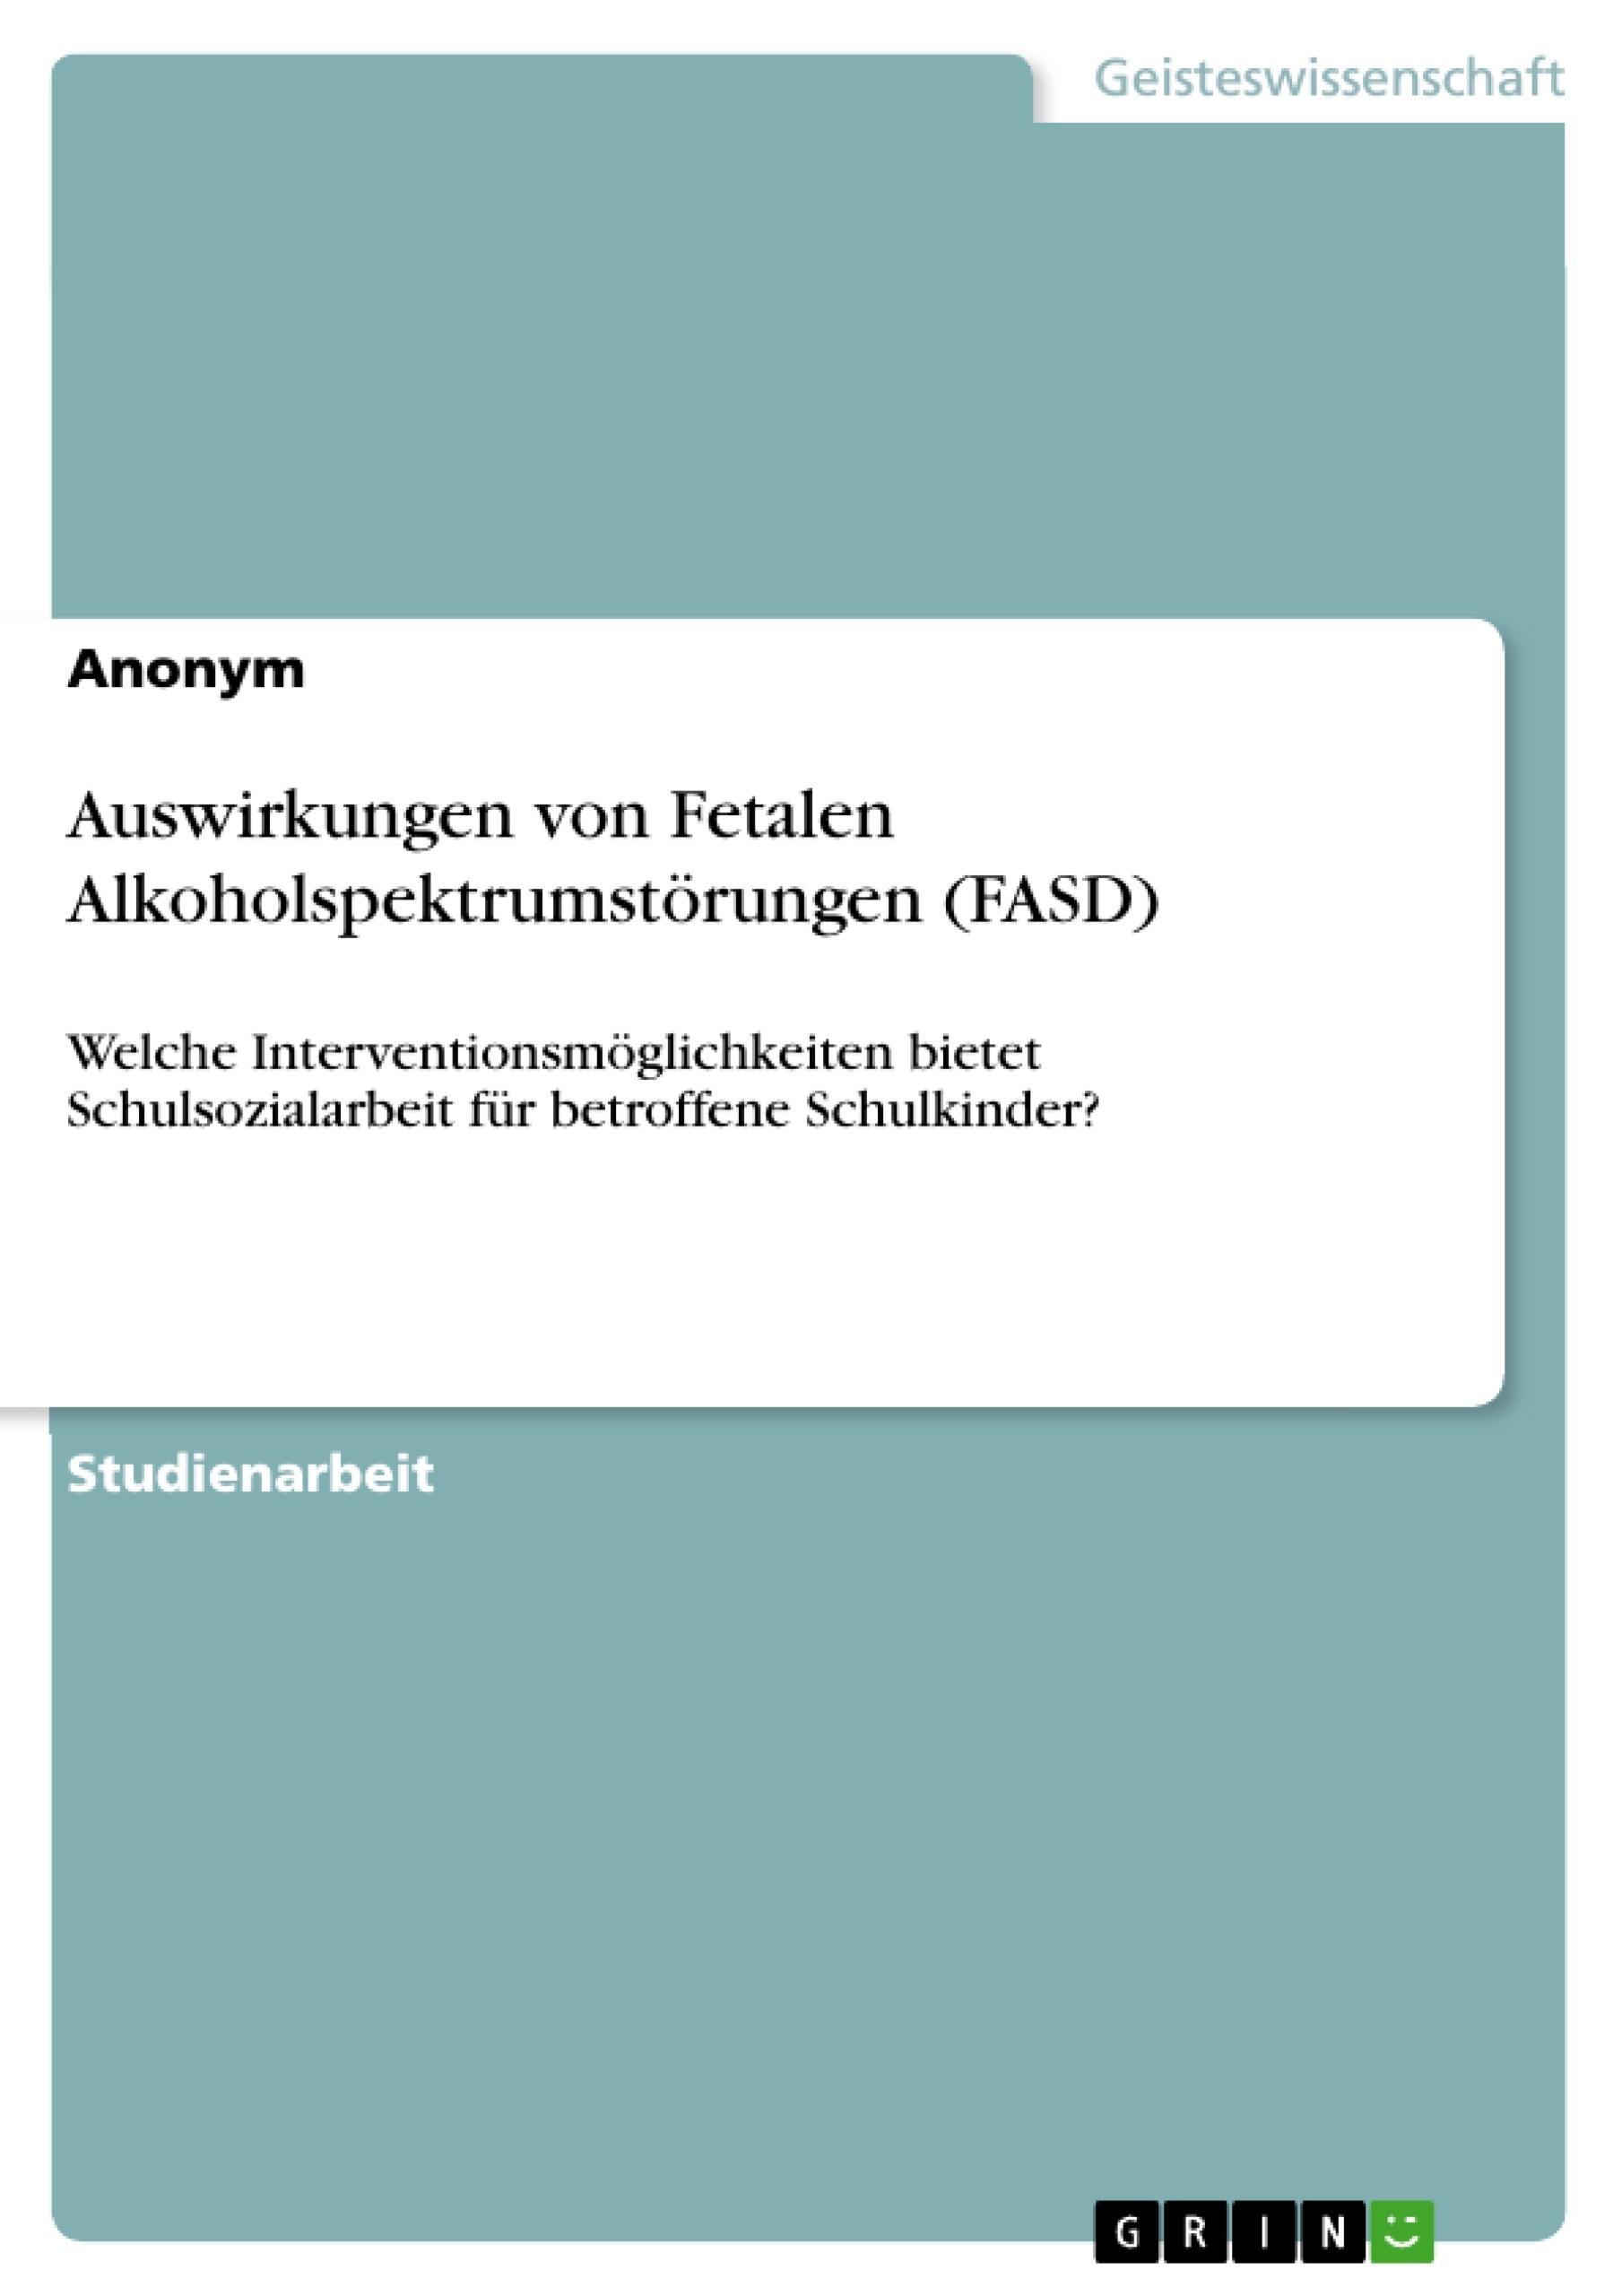 Titel: Auswirkungen von Fetalen Alkoholspektrumstörungen (FASD)